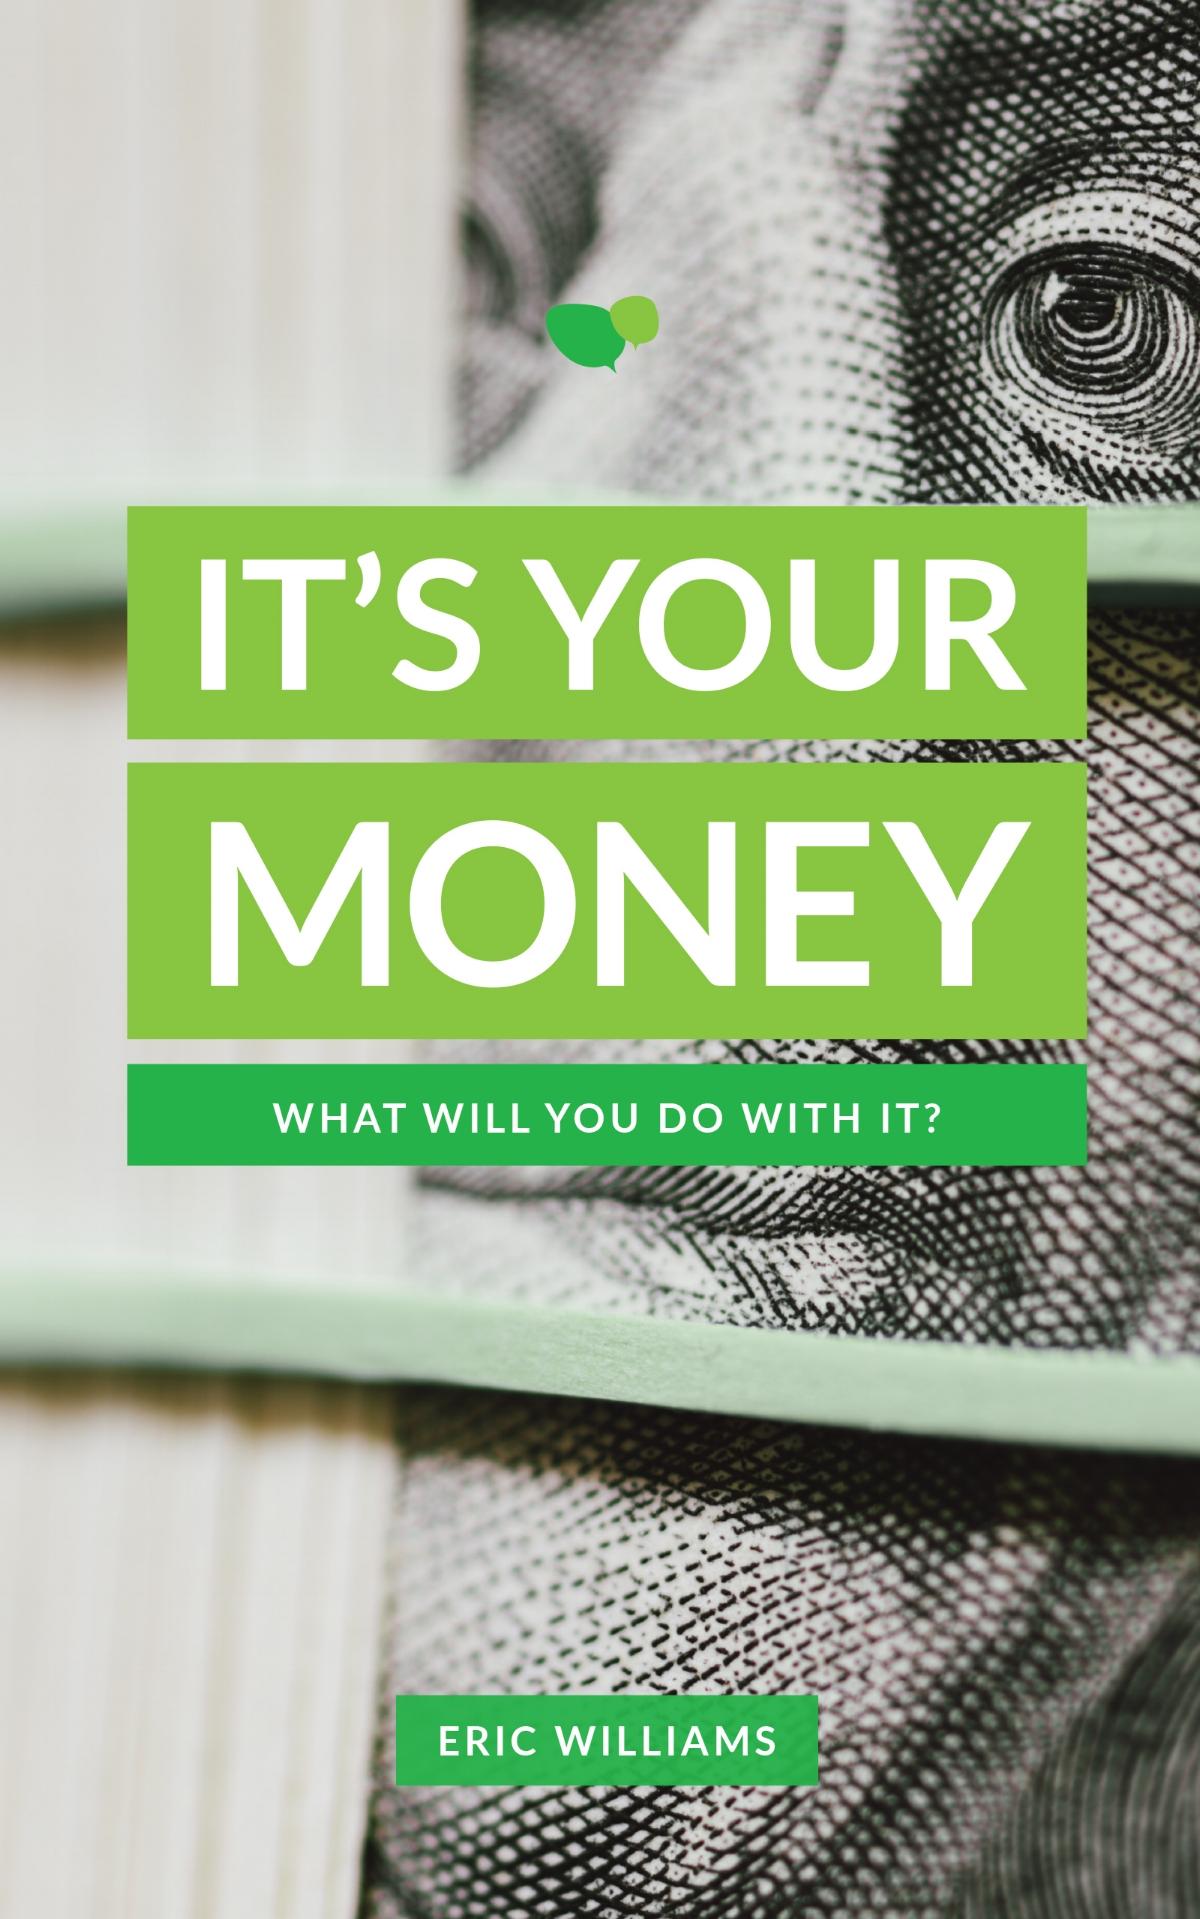 Its_Your_Money_eBook.jpg